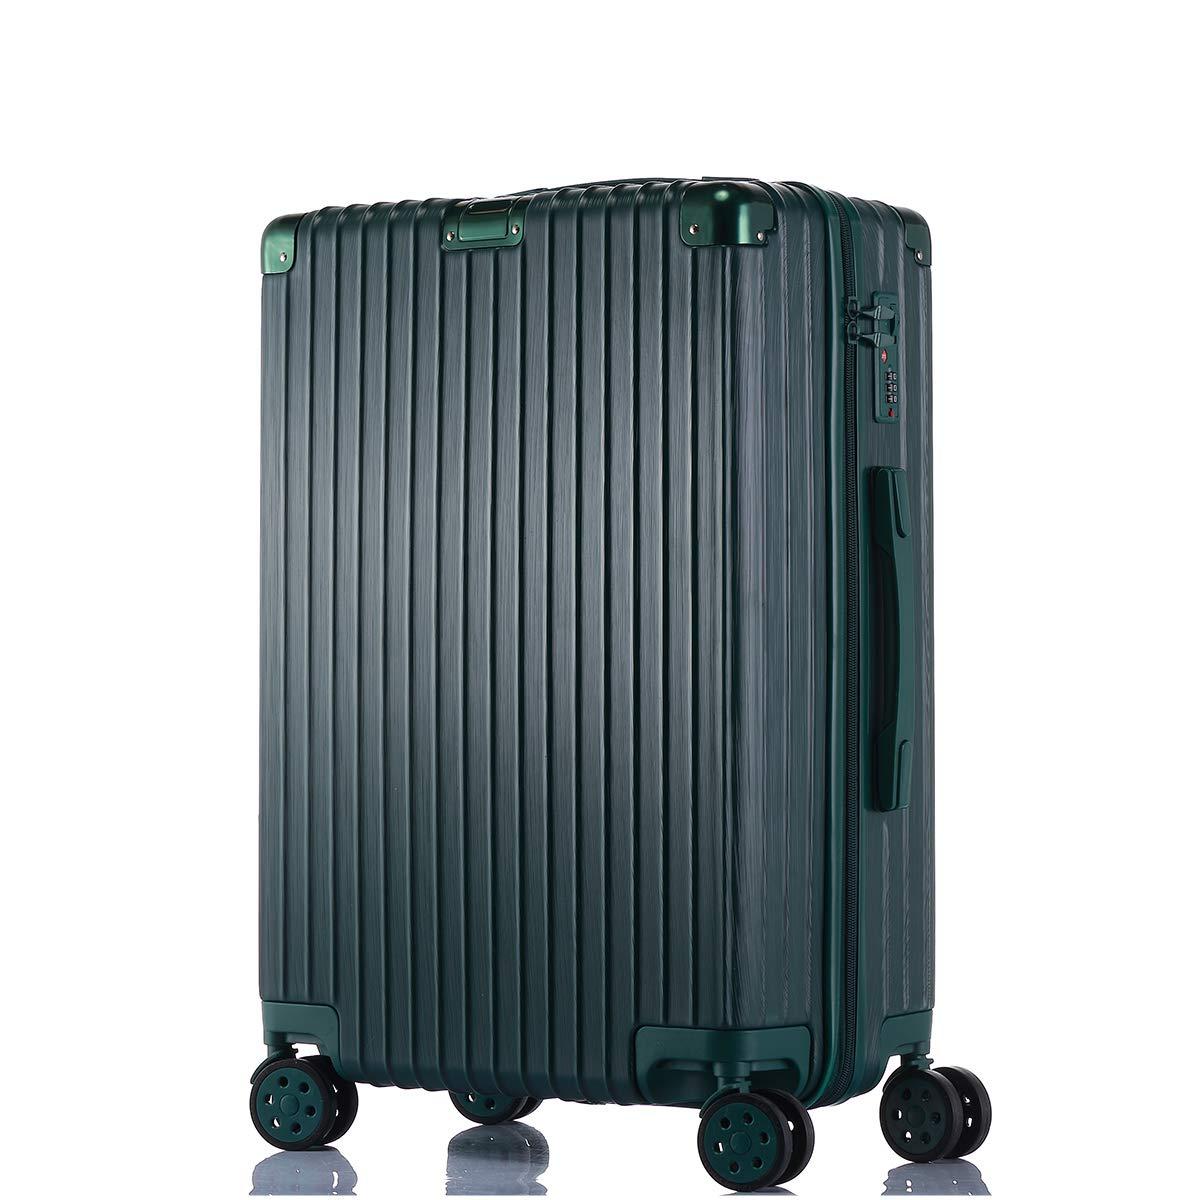 MRXUE 軽量28インチ荷物セット スピナーホイール付き 拡張可能な折りたたみ式スーツケース トートハードシェル ビジネス旅行かばん B07KPCLDGP グリーン 20\